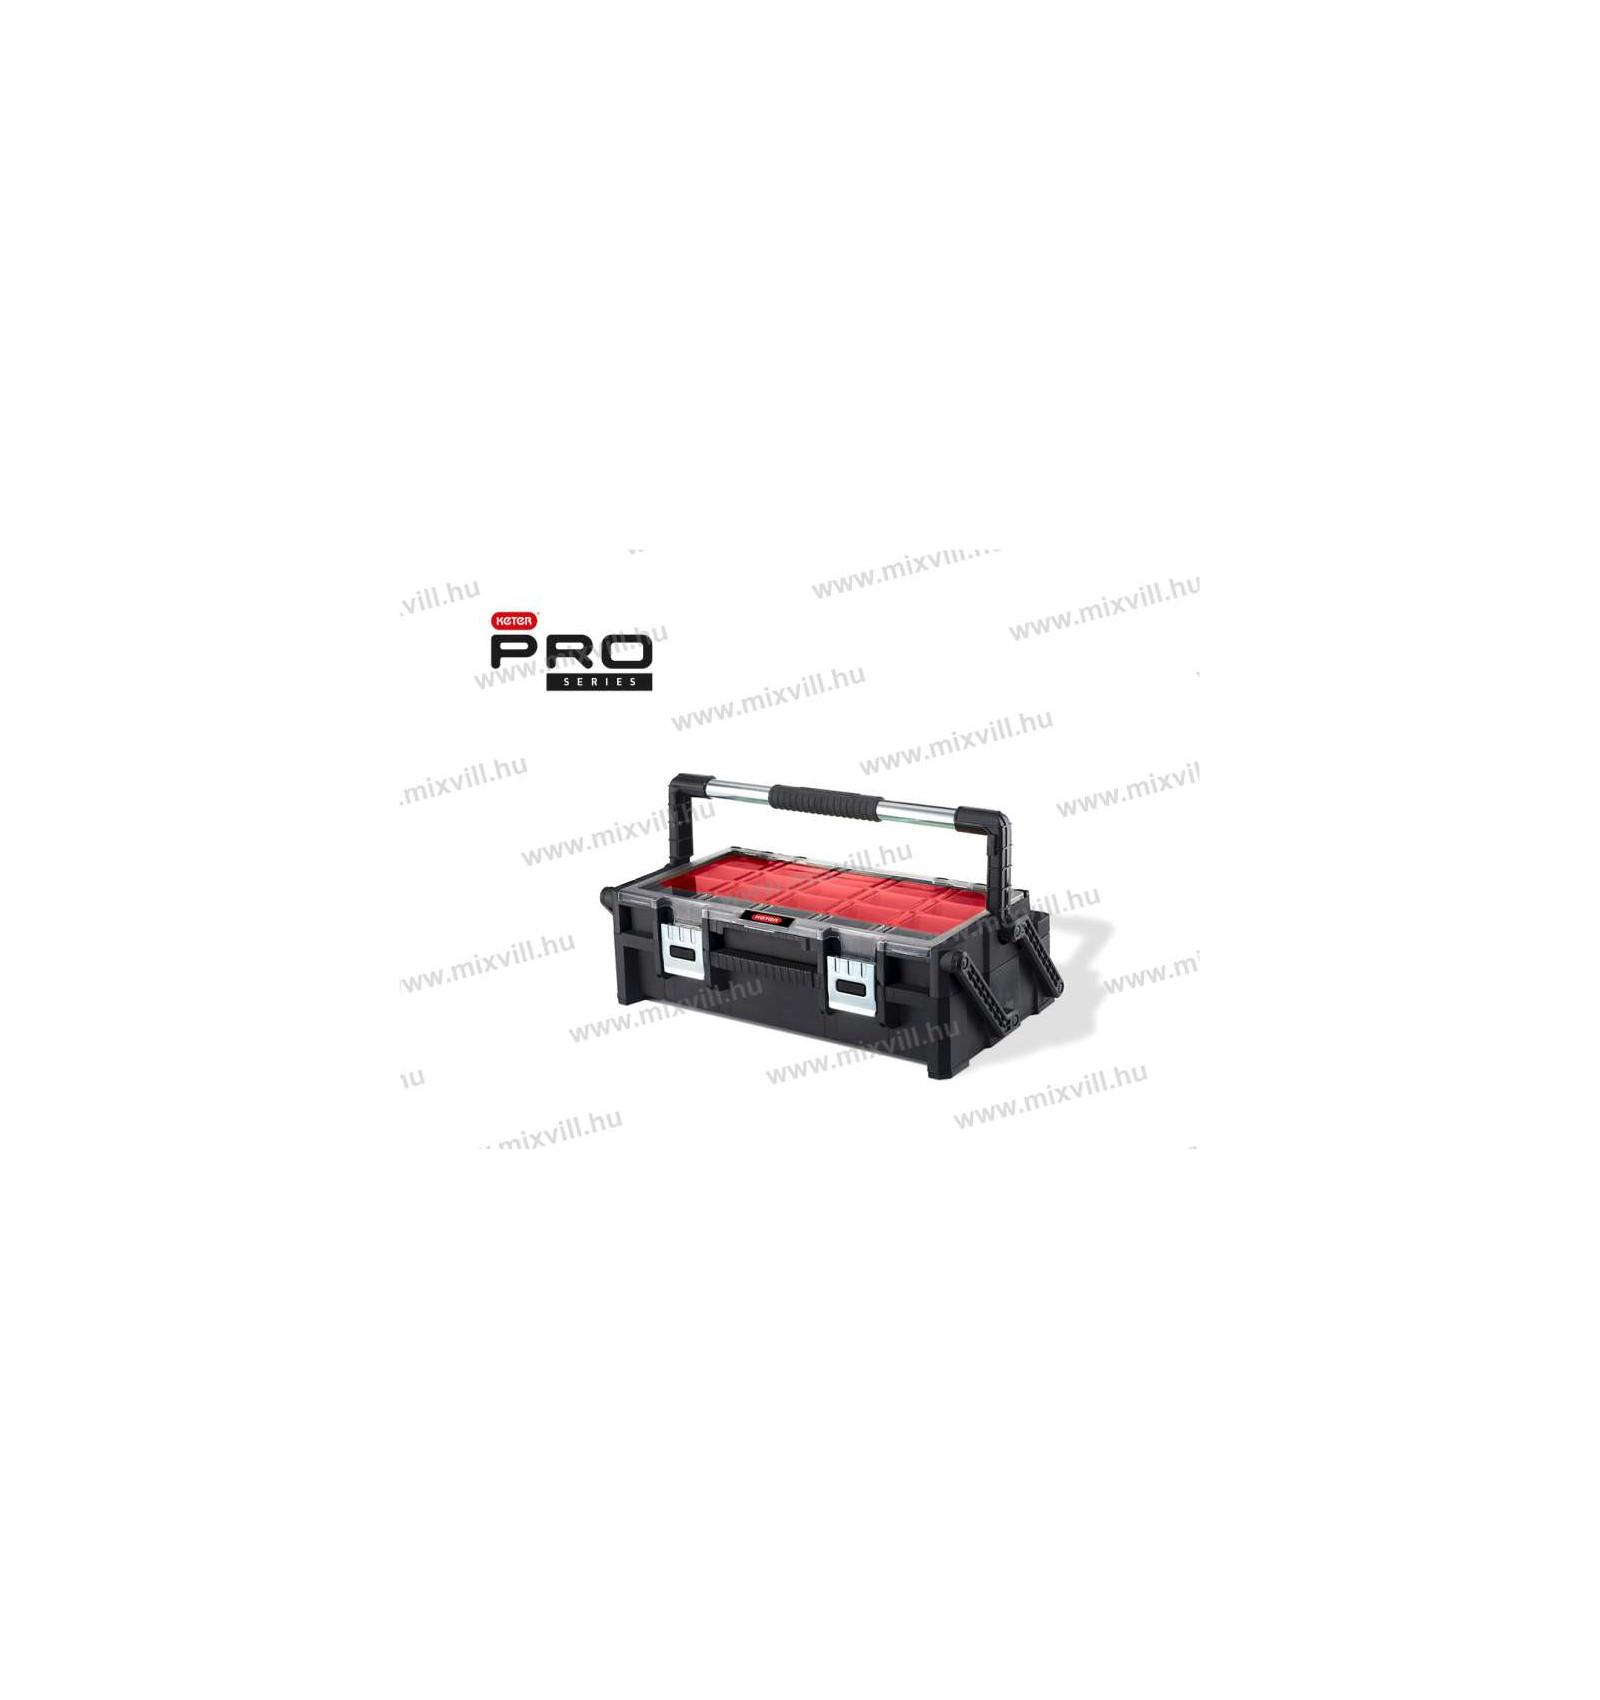 keter-237004-szerszamtarolo-szerszamoslada-17185073